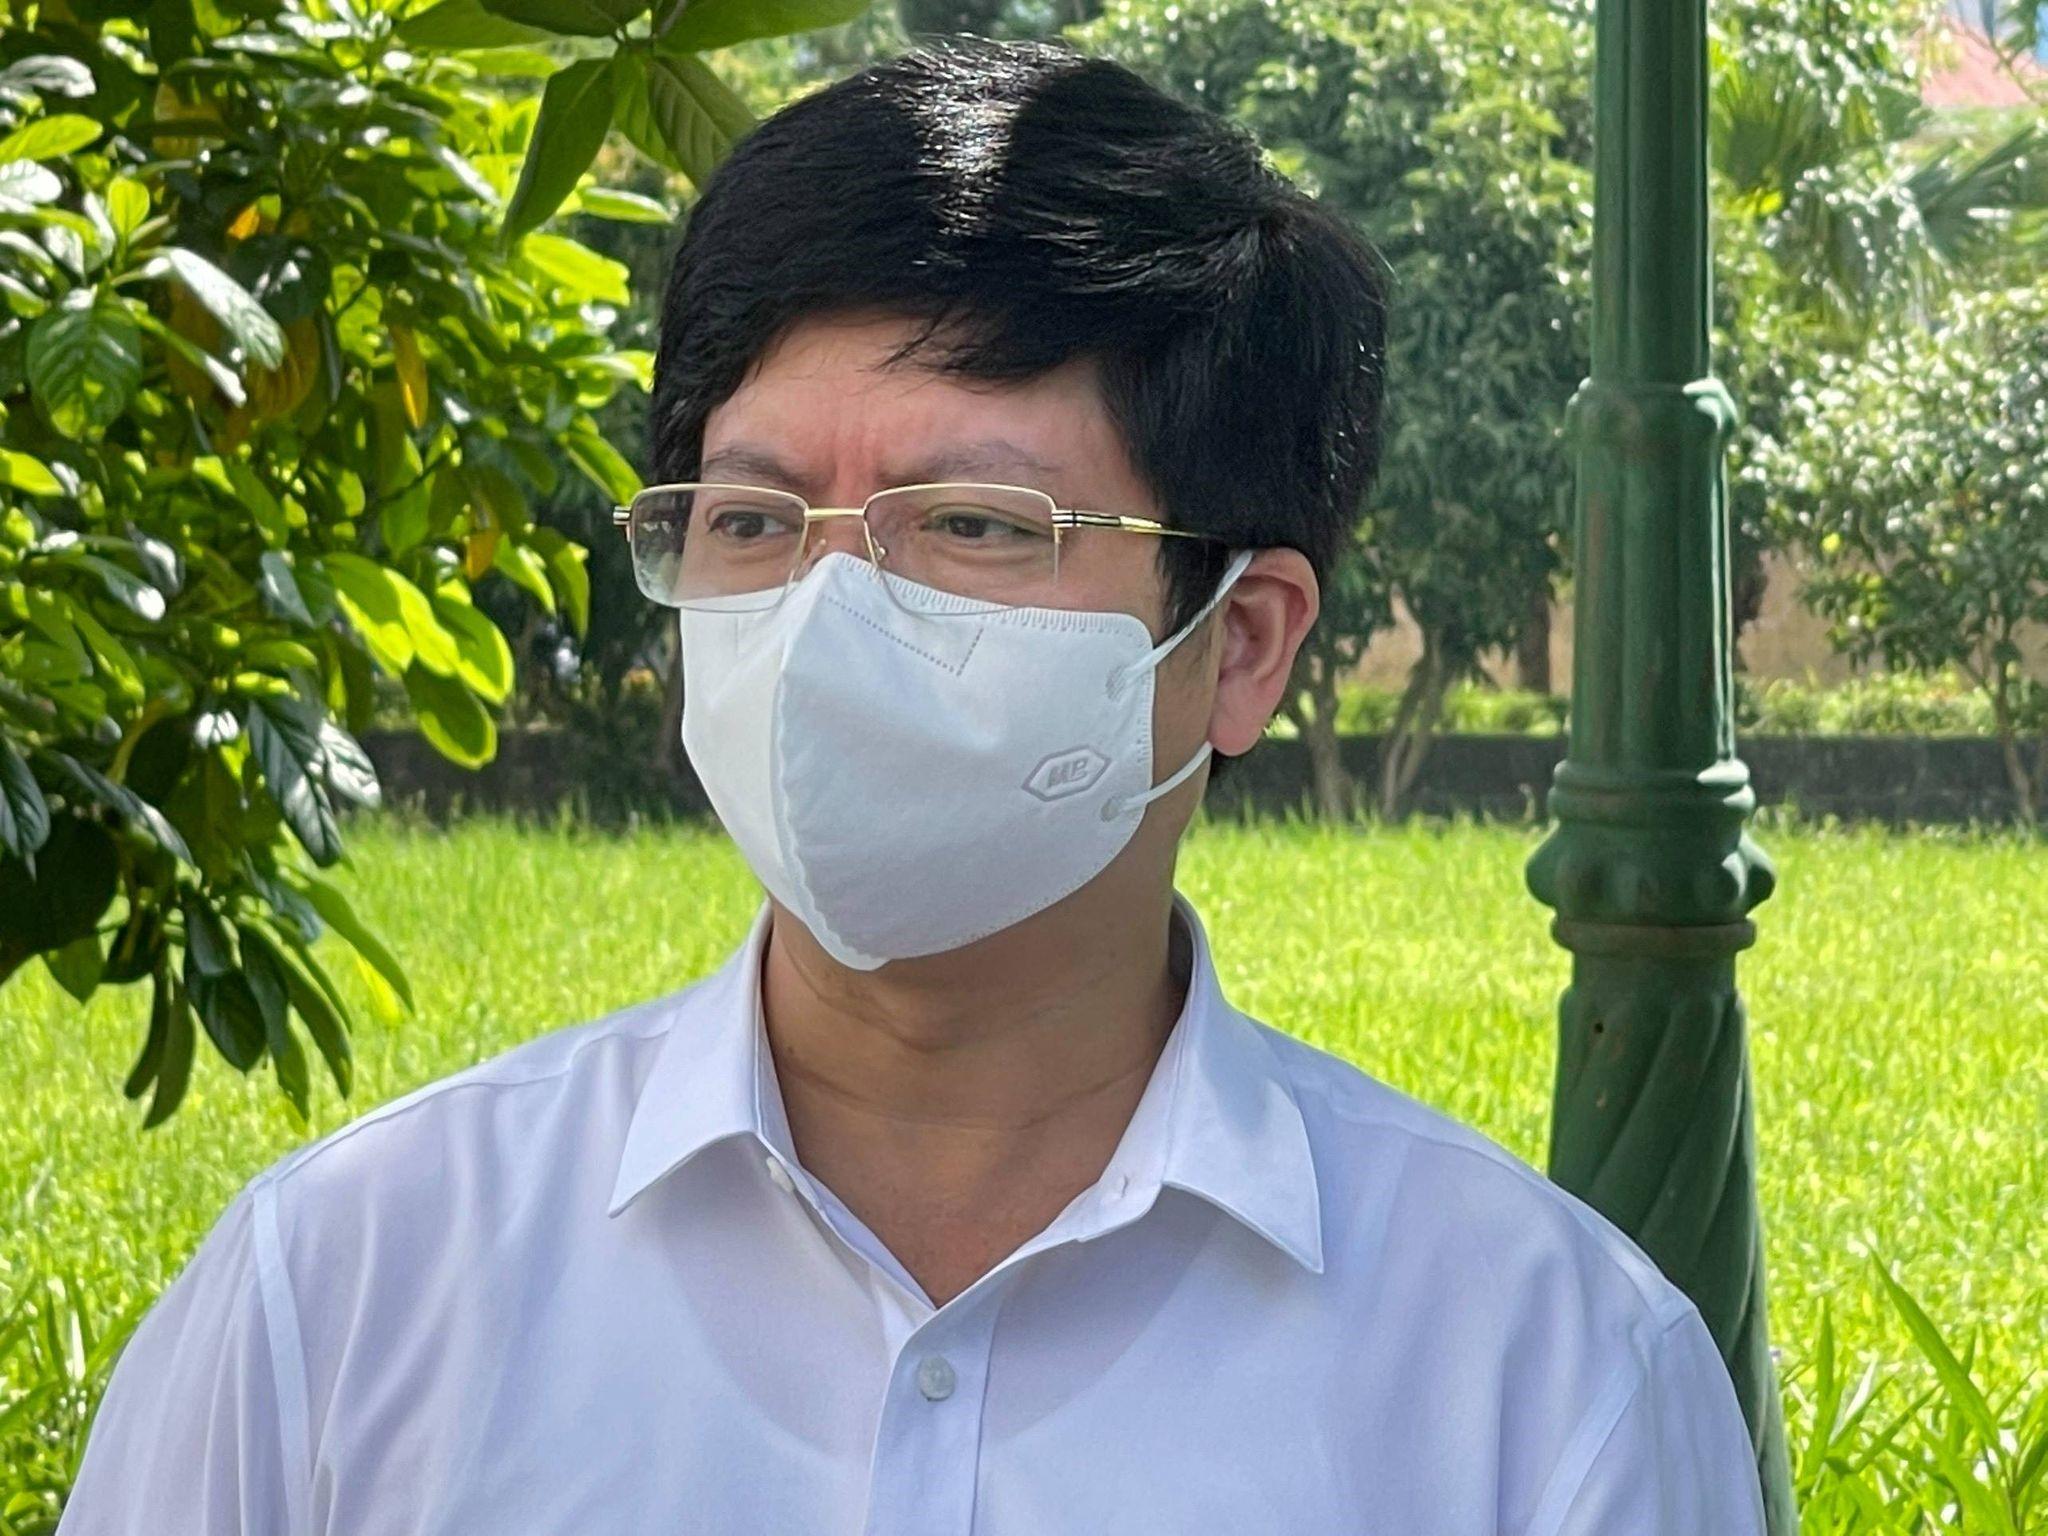 Ông Nguyễn Trọng Khoa, Phó Cục trưởng Quản lý Khám, Bộ Y tế. Ảnh: Ngọc Mai.